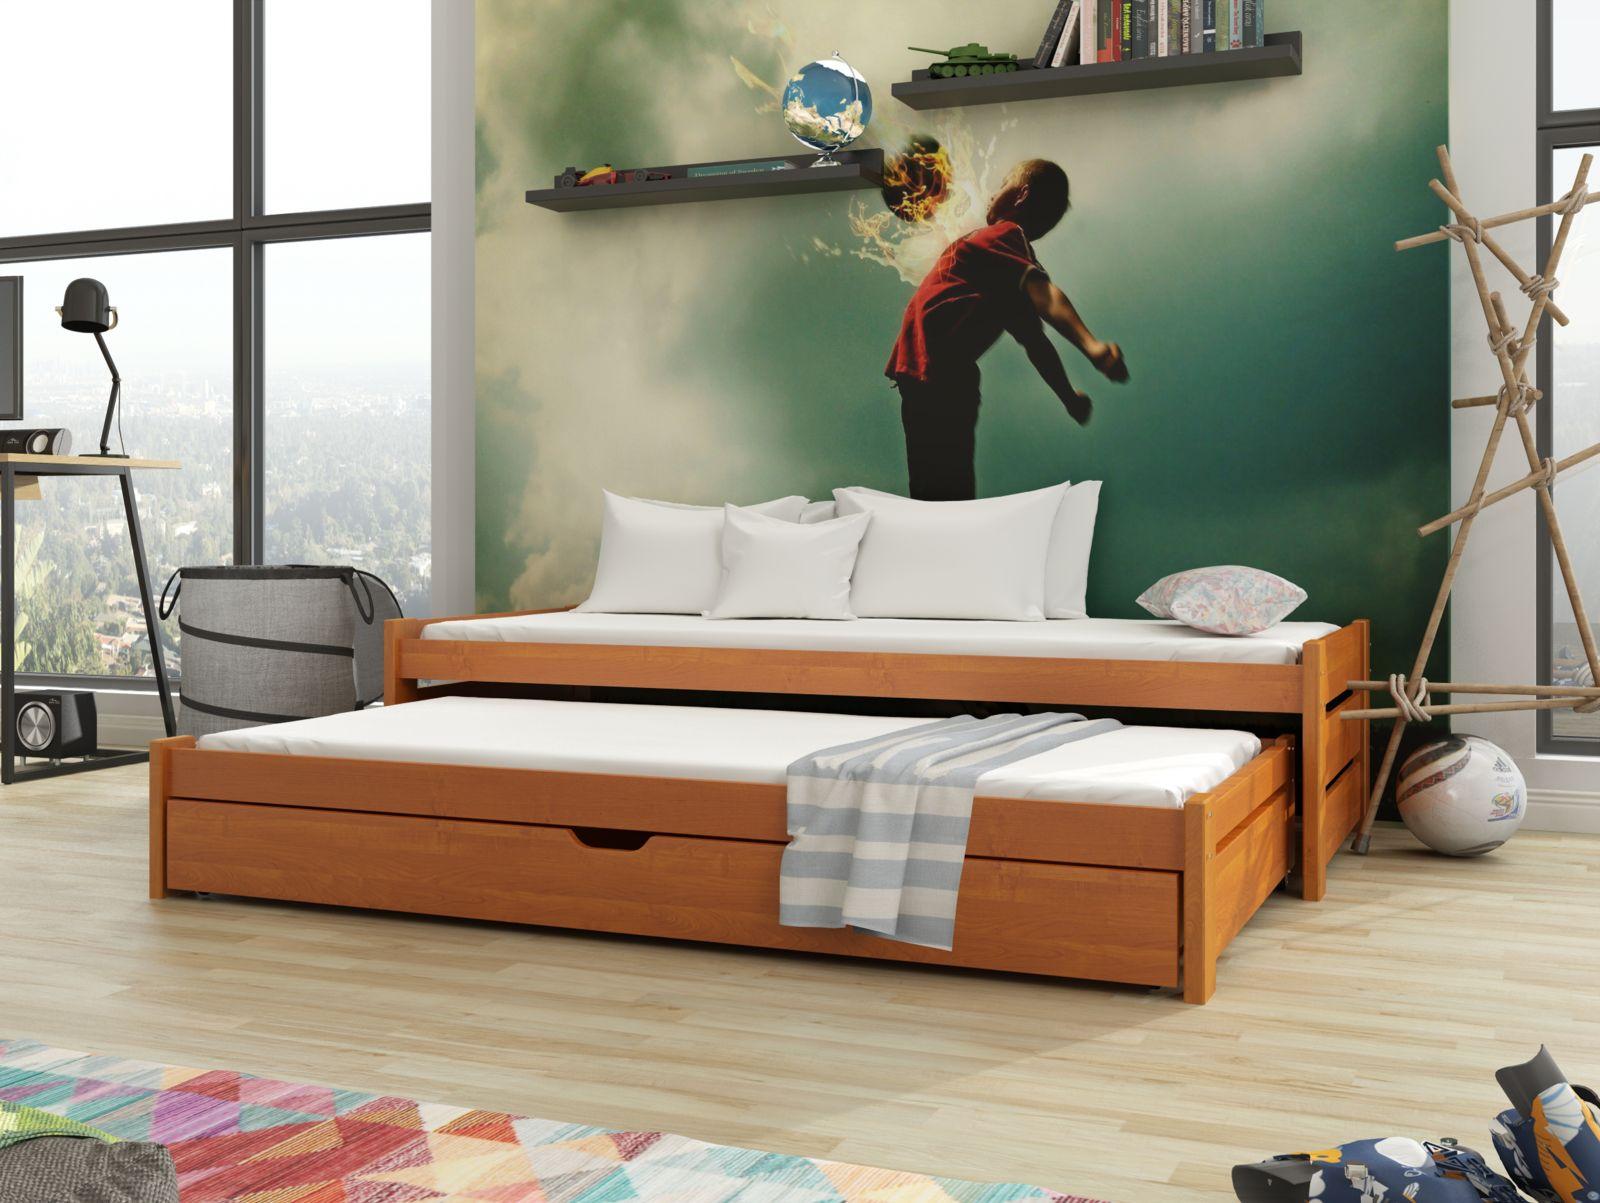 Lano Meble Rozkládací postel Aniš s úložným prostorem 80x180 cm